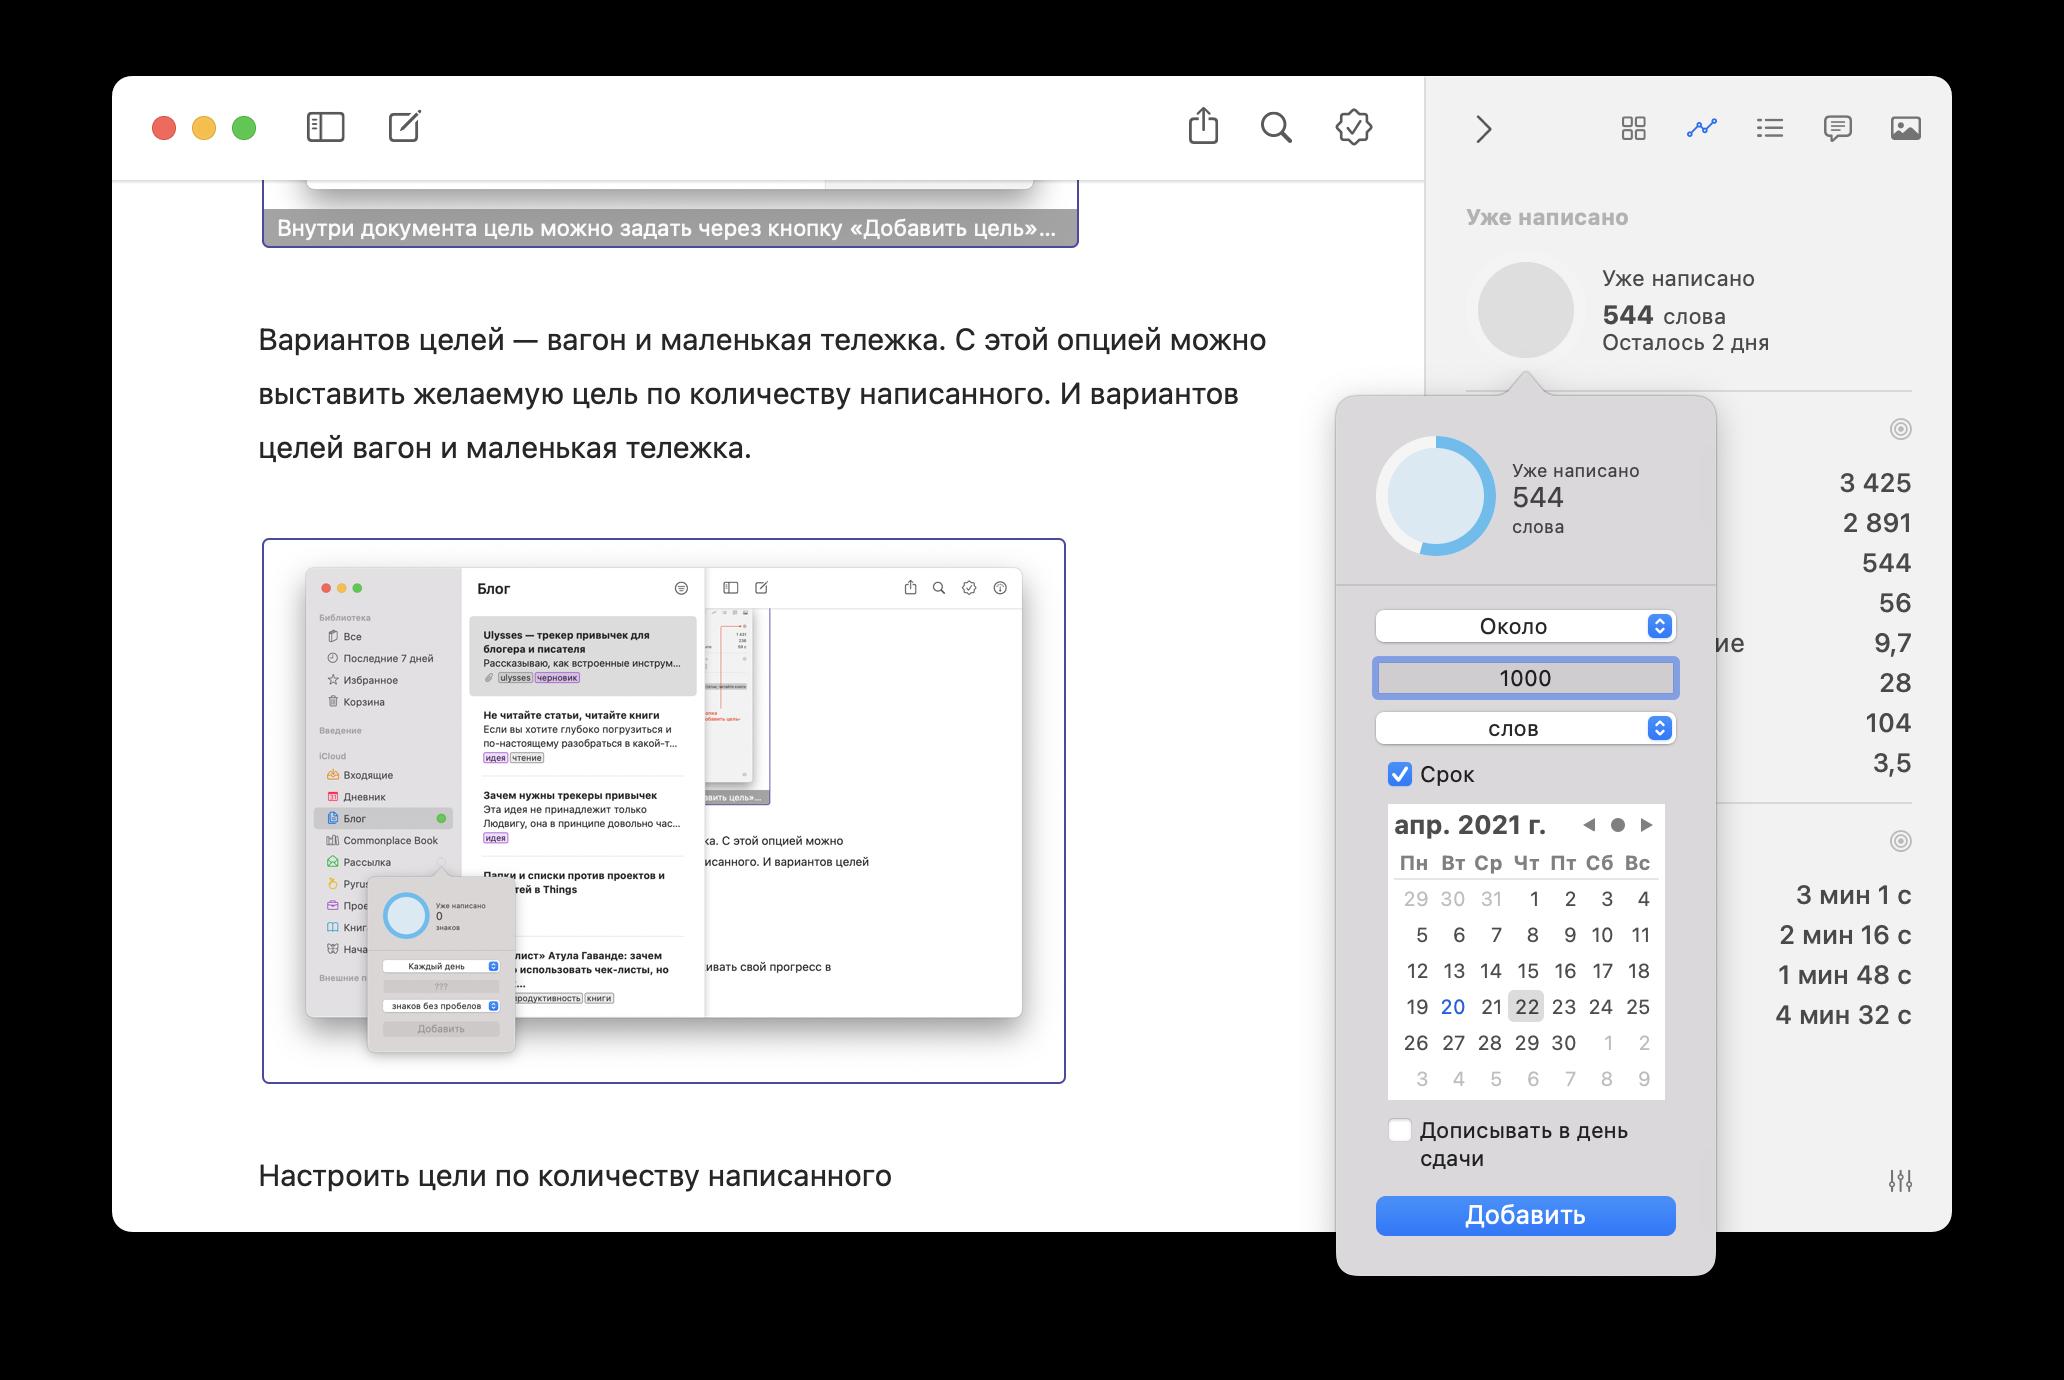 Разработчики Ulysses предусмотрели вариант, когда текст можно править в день дедлайна